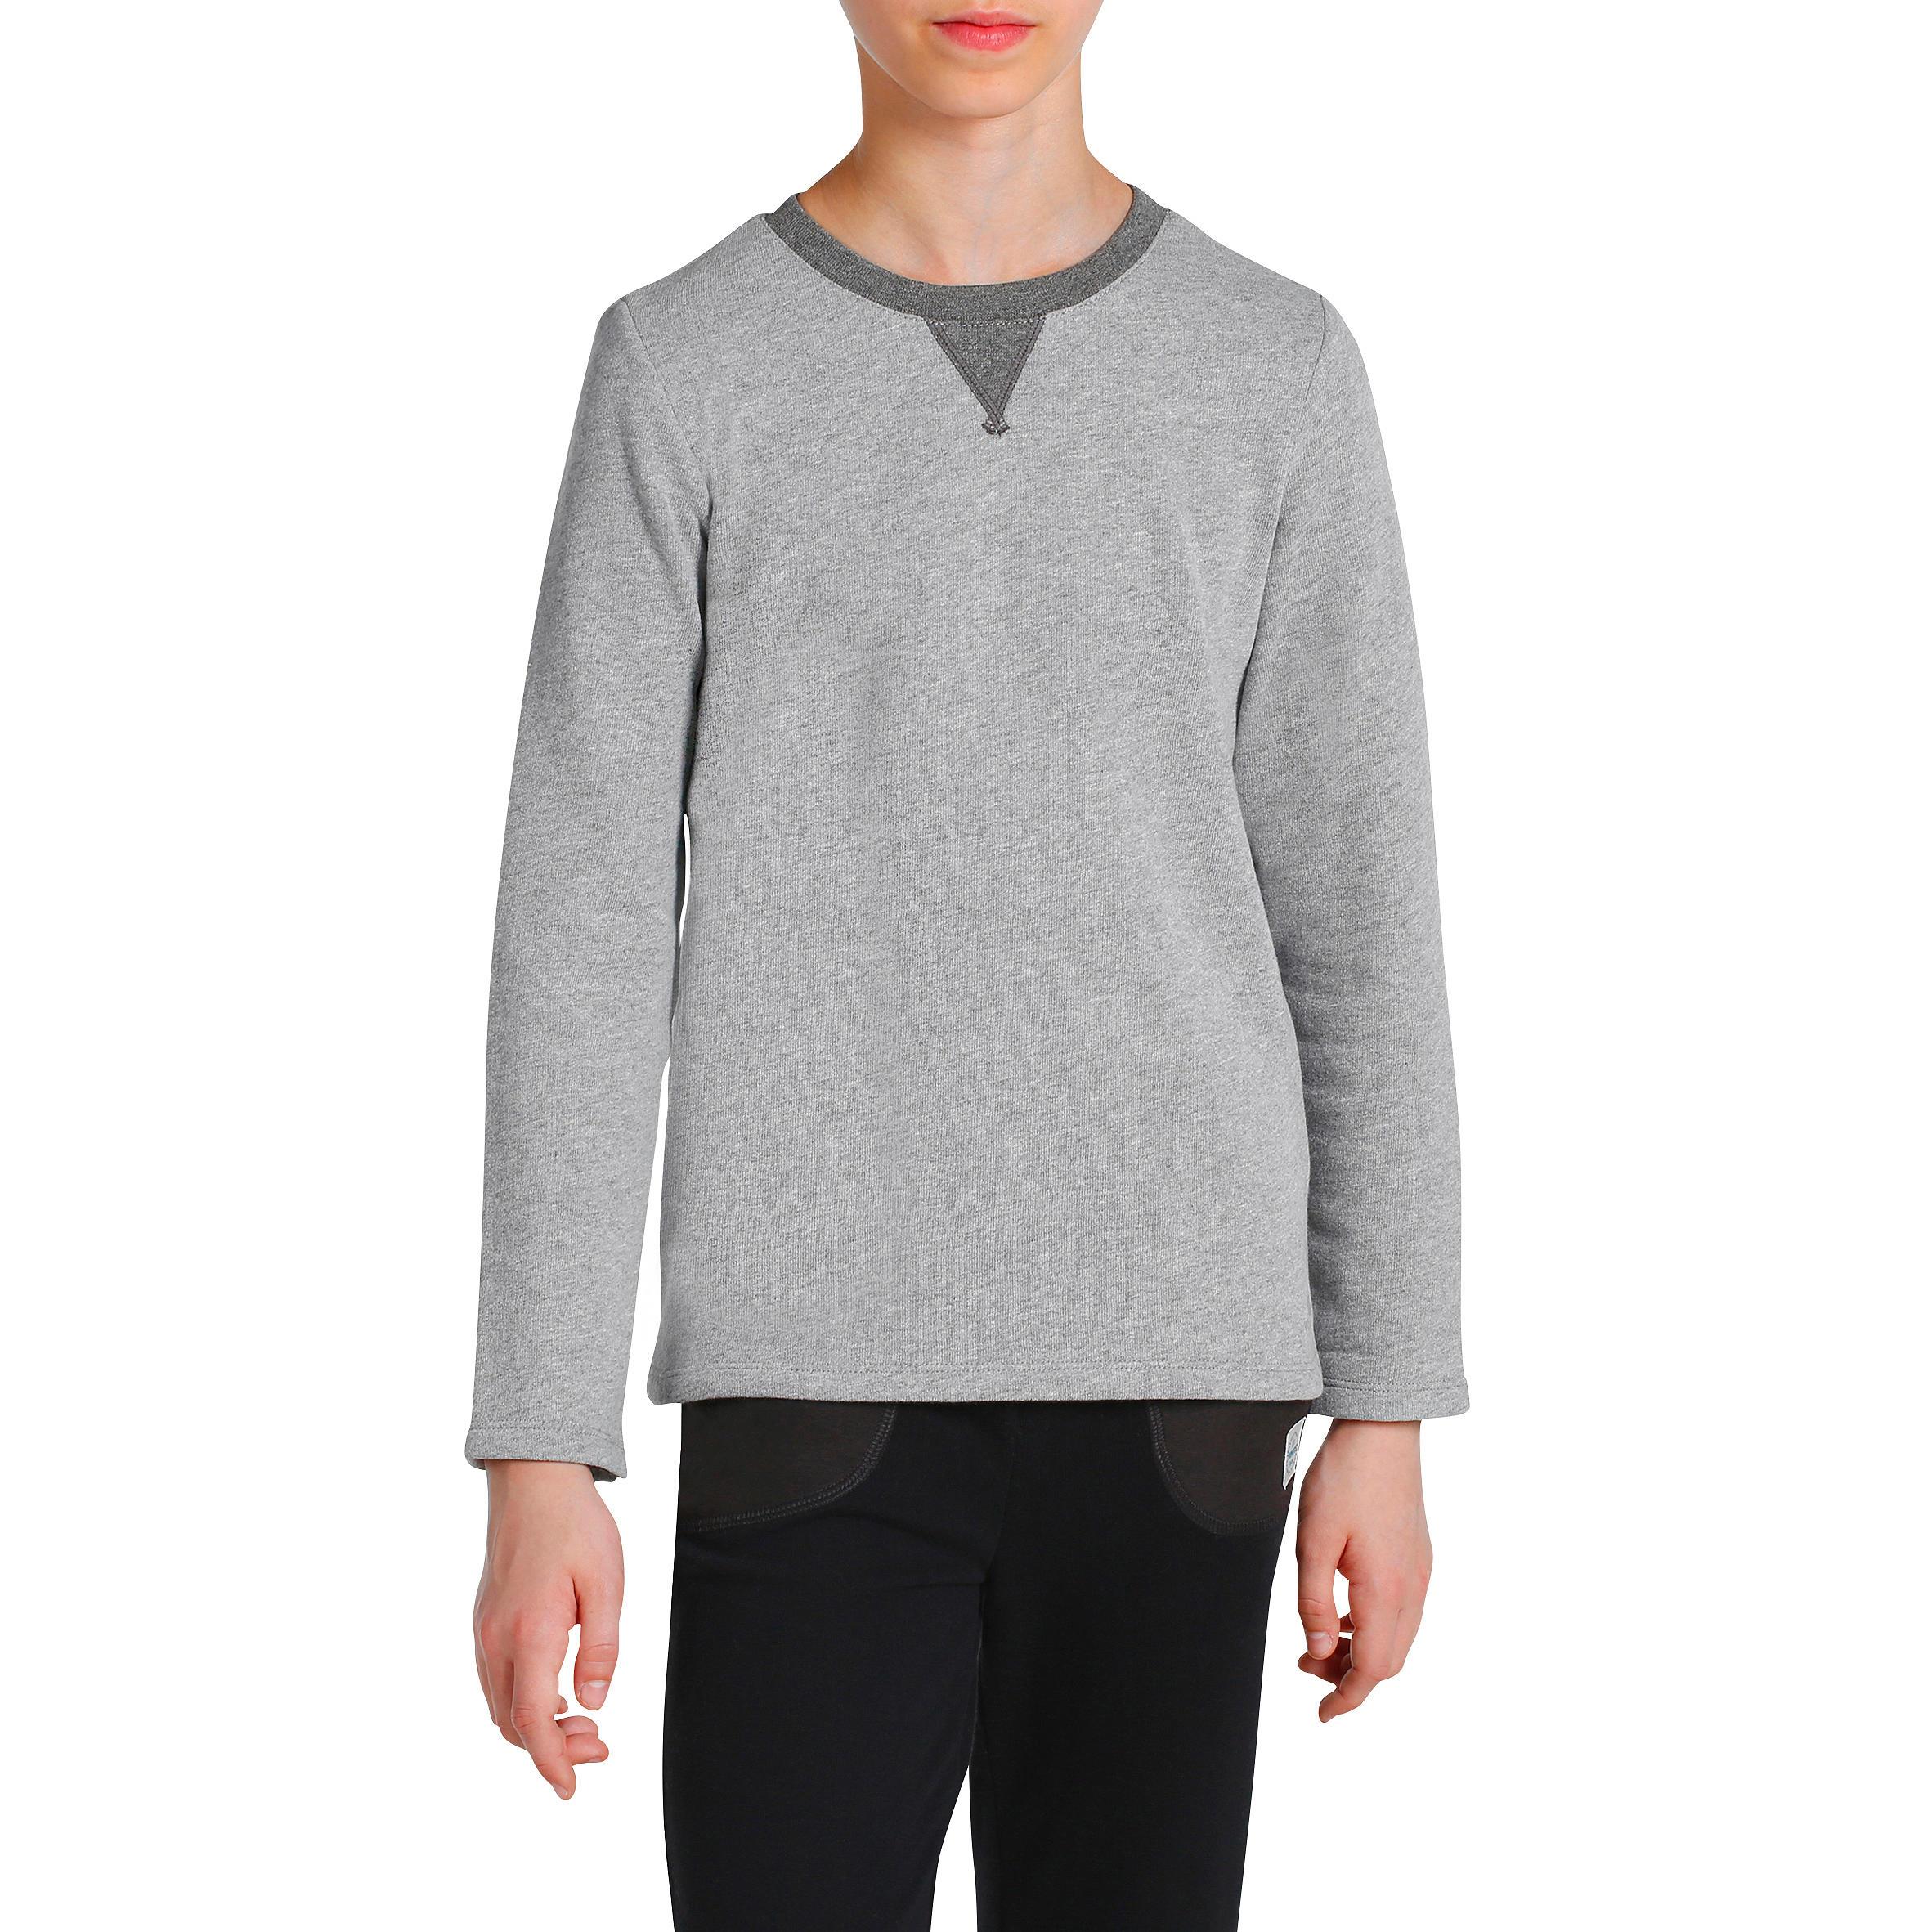 Boys' Warm Gym Sweatshirt - Grey